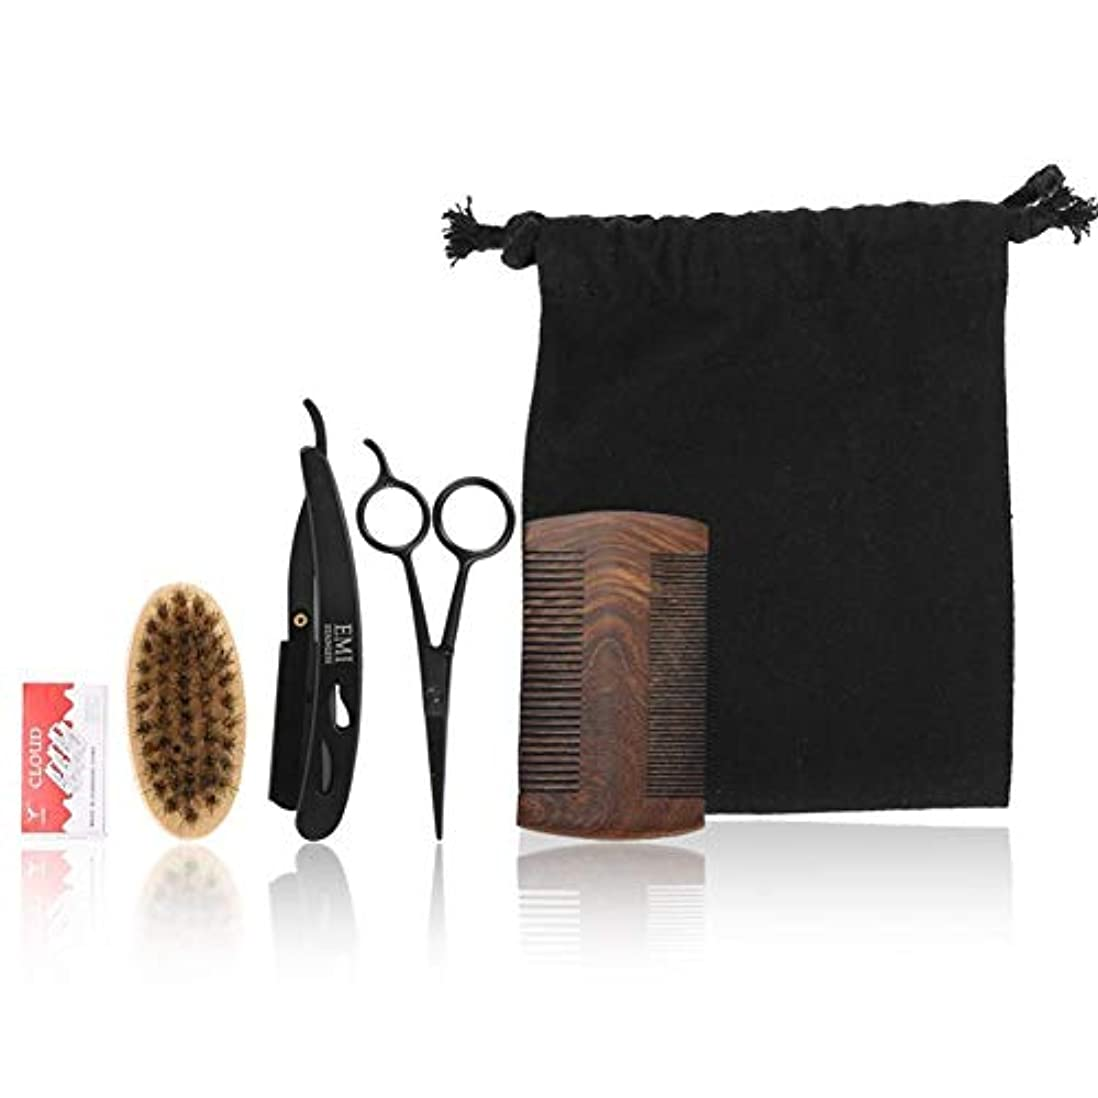 髭のケアブラシセットプロフェッショナルスタイル男性櫛ブラシはさみキットモデリングクリーニング修理バッグフェイシャル髭はさみクリーン